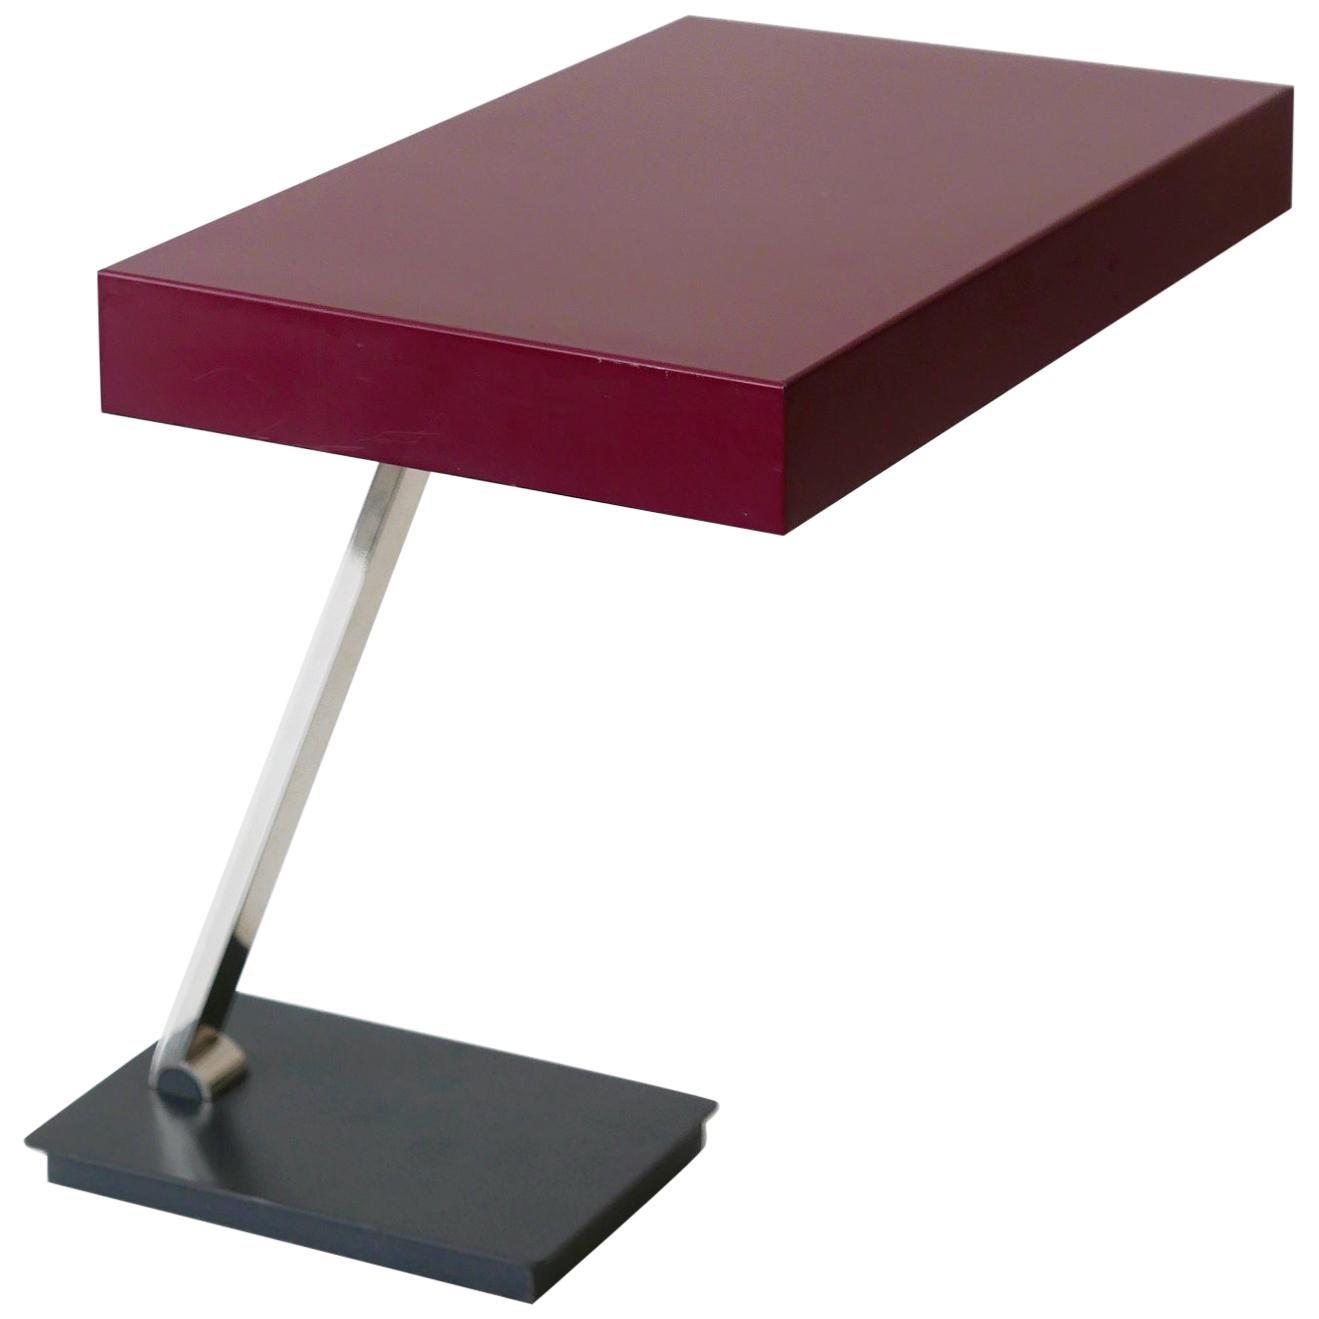 Luxury Mid-Century Modern President Table Lamp by Kaiser Leuchten 1960s Germany